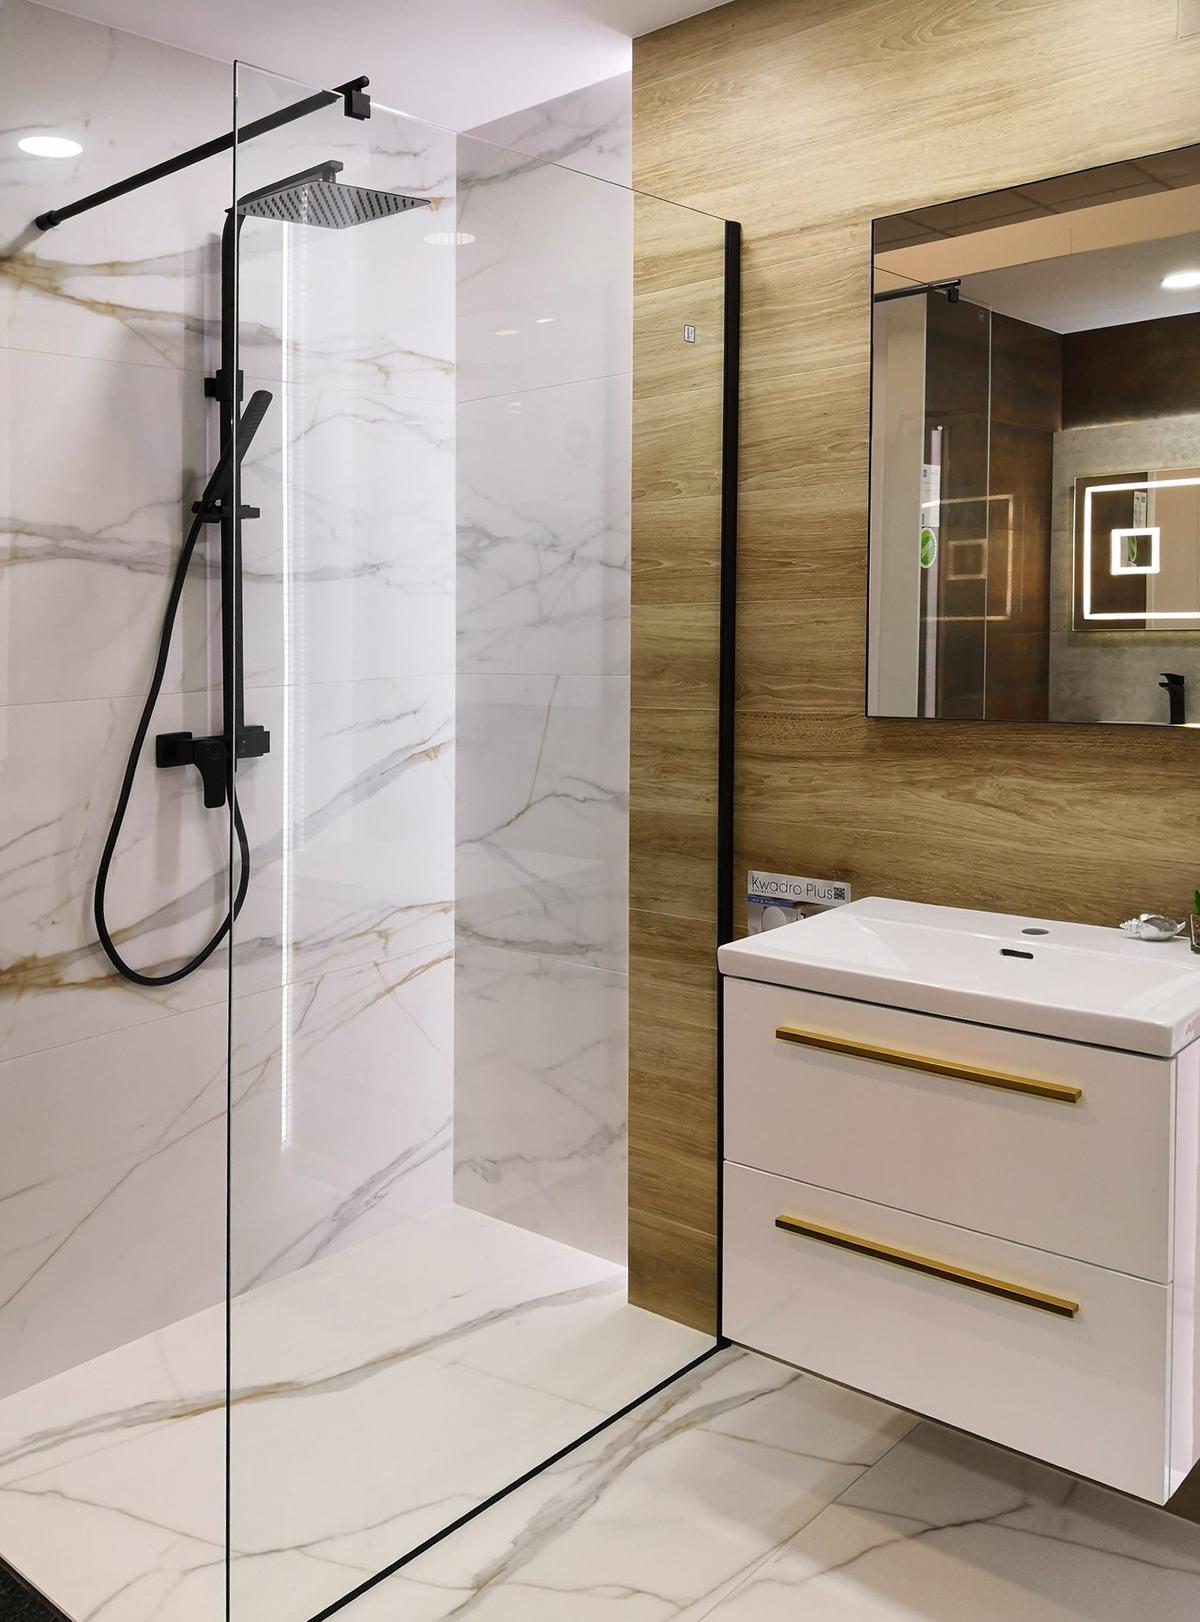 Aranżacja minimalistycznej łazienki w BLU Chełm - zdjęcie od BLU salon łazienek Chełm